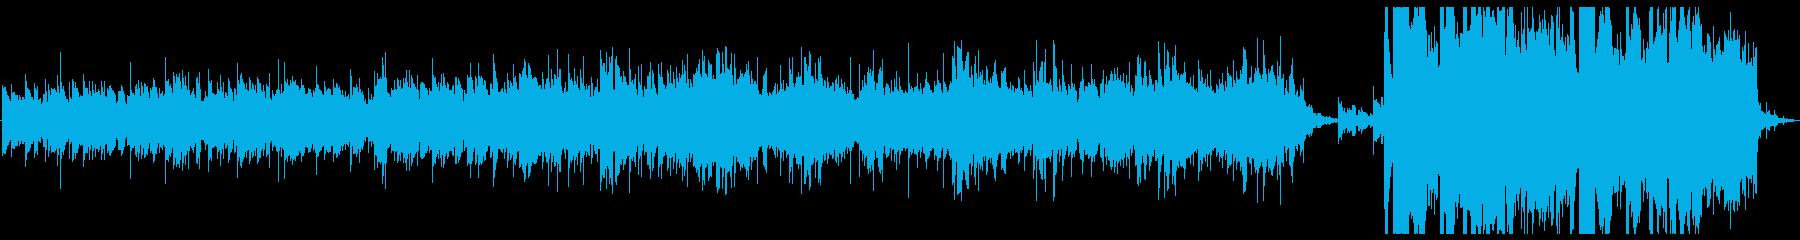 優しく温かみのあるアンビエント の再生済みの波形